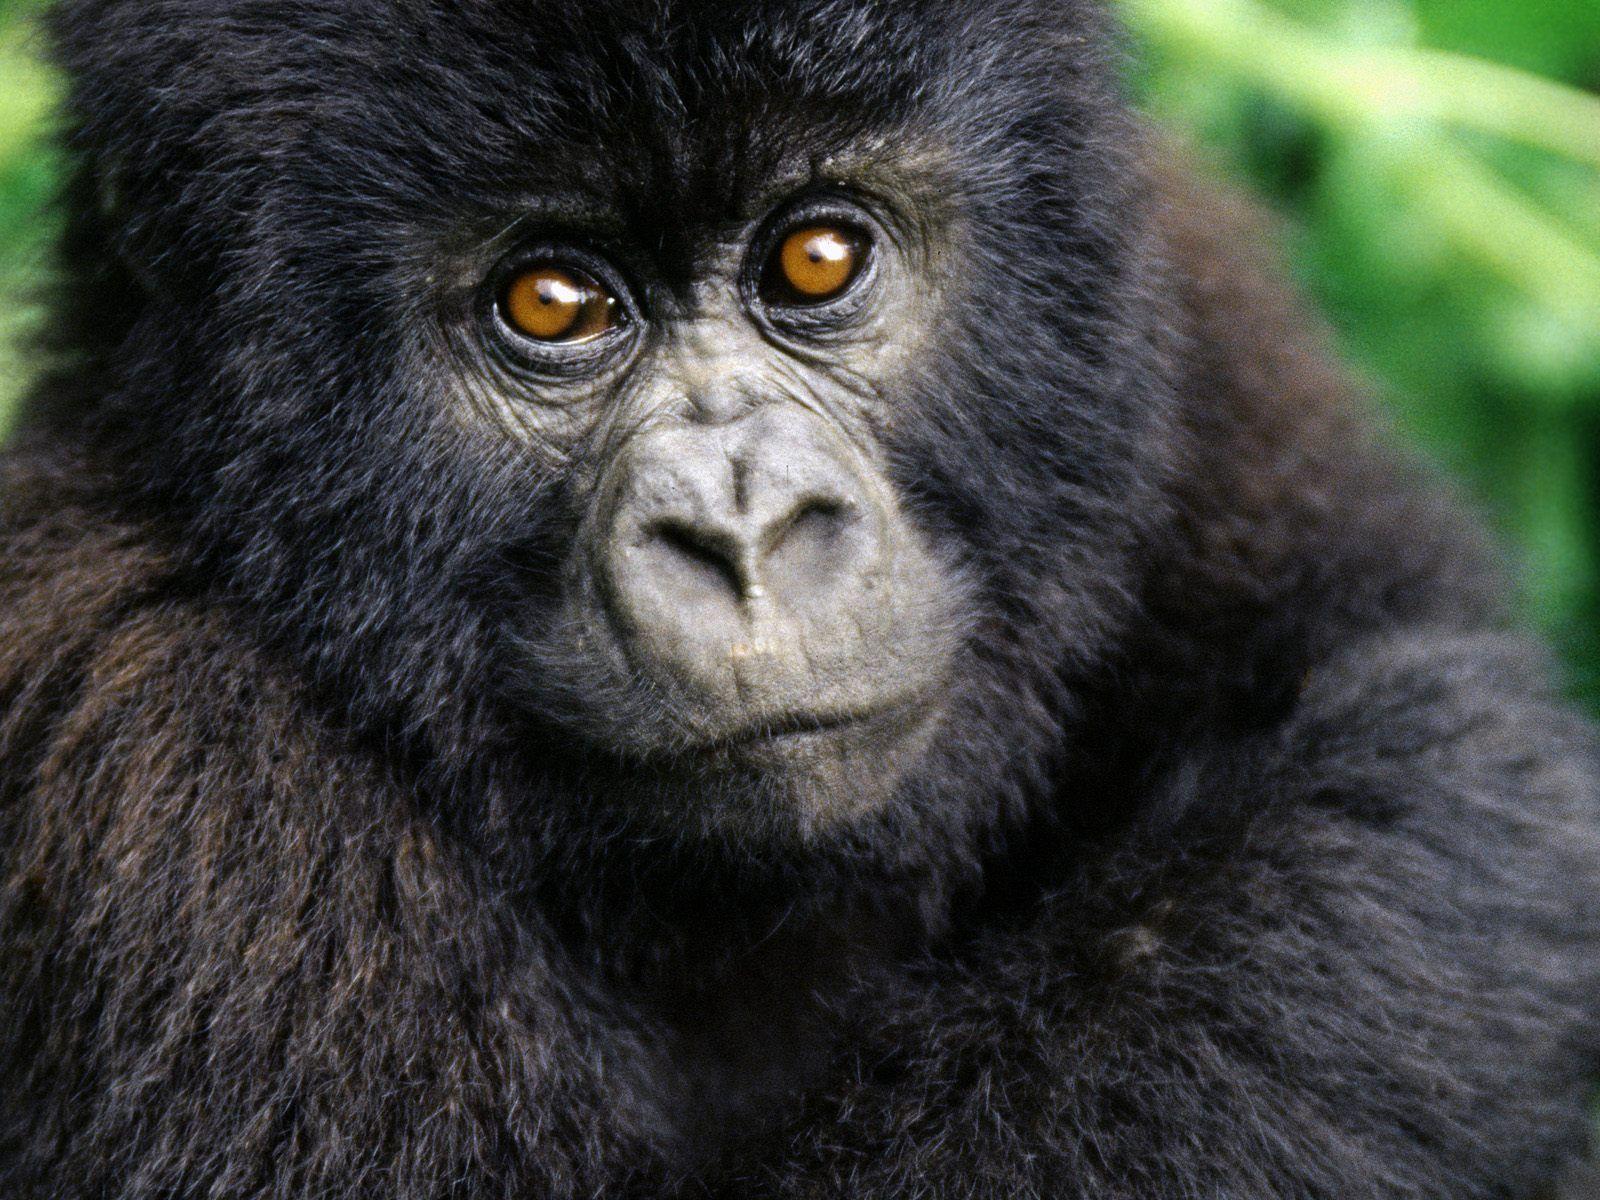 http://1.bp.blogspot.com/_BvTQDfwLKYY/TF6AMzlBJcI/AAAAAAAABFg/mVi3_mcB5Lo/s1600/Monkey+(3).jpg